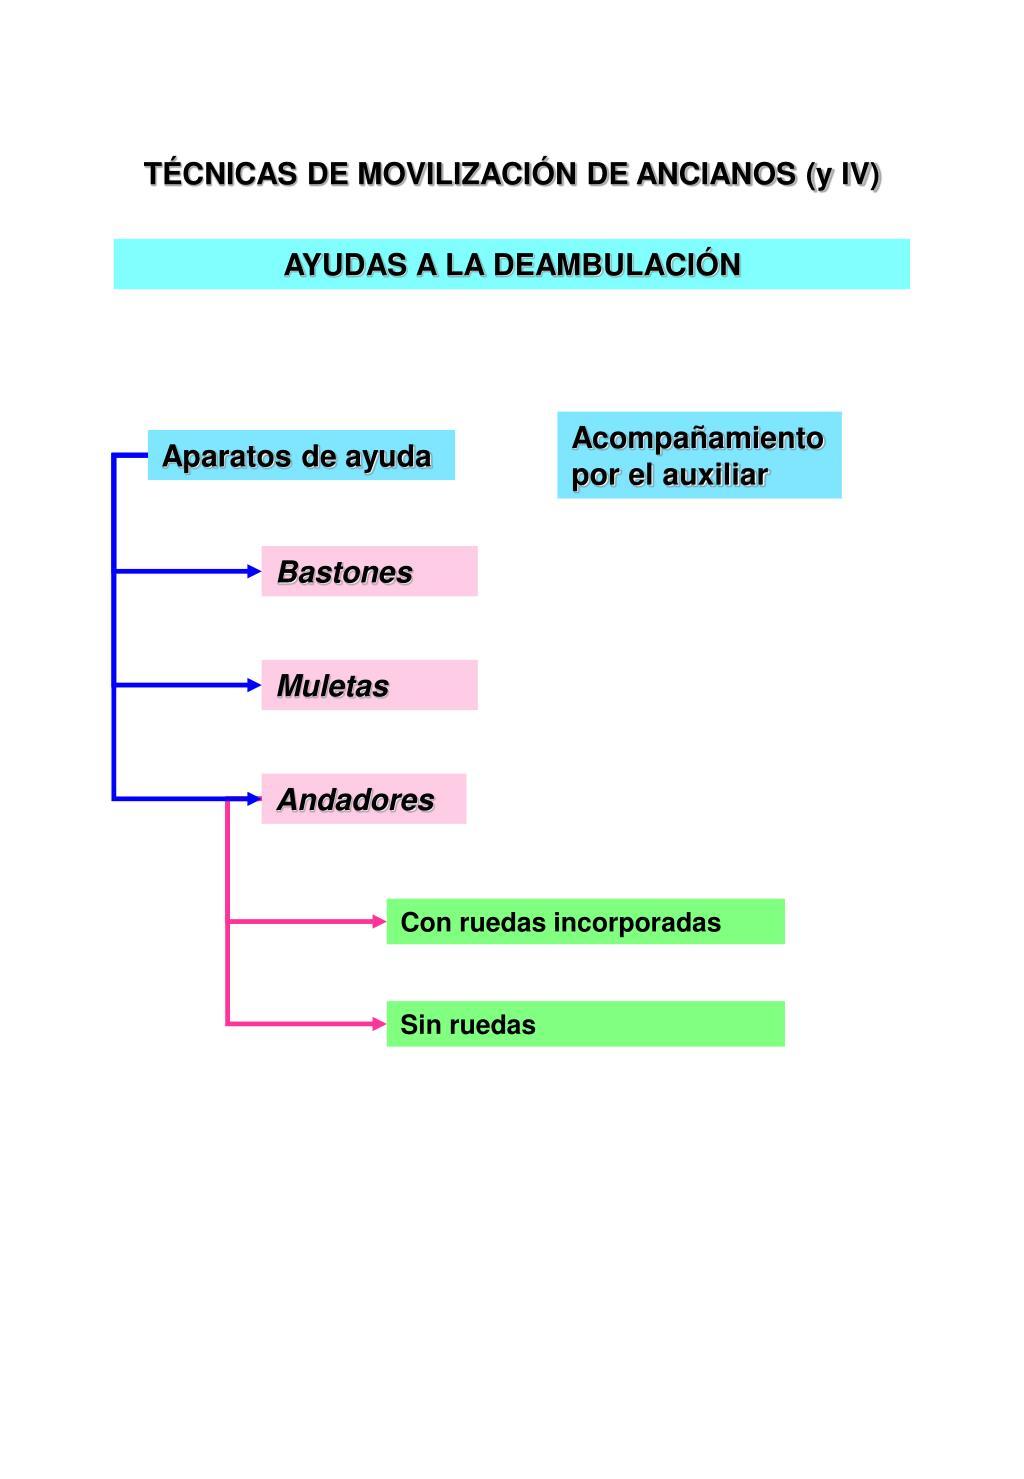 TÉCNICAS DE MOVILIZACIÓN DE ANCIANOS (y IV)